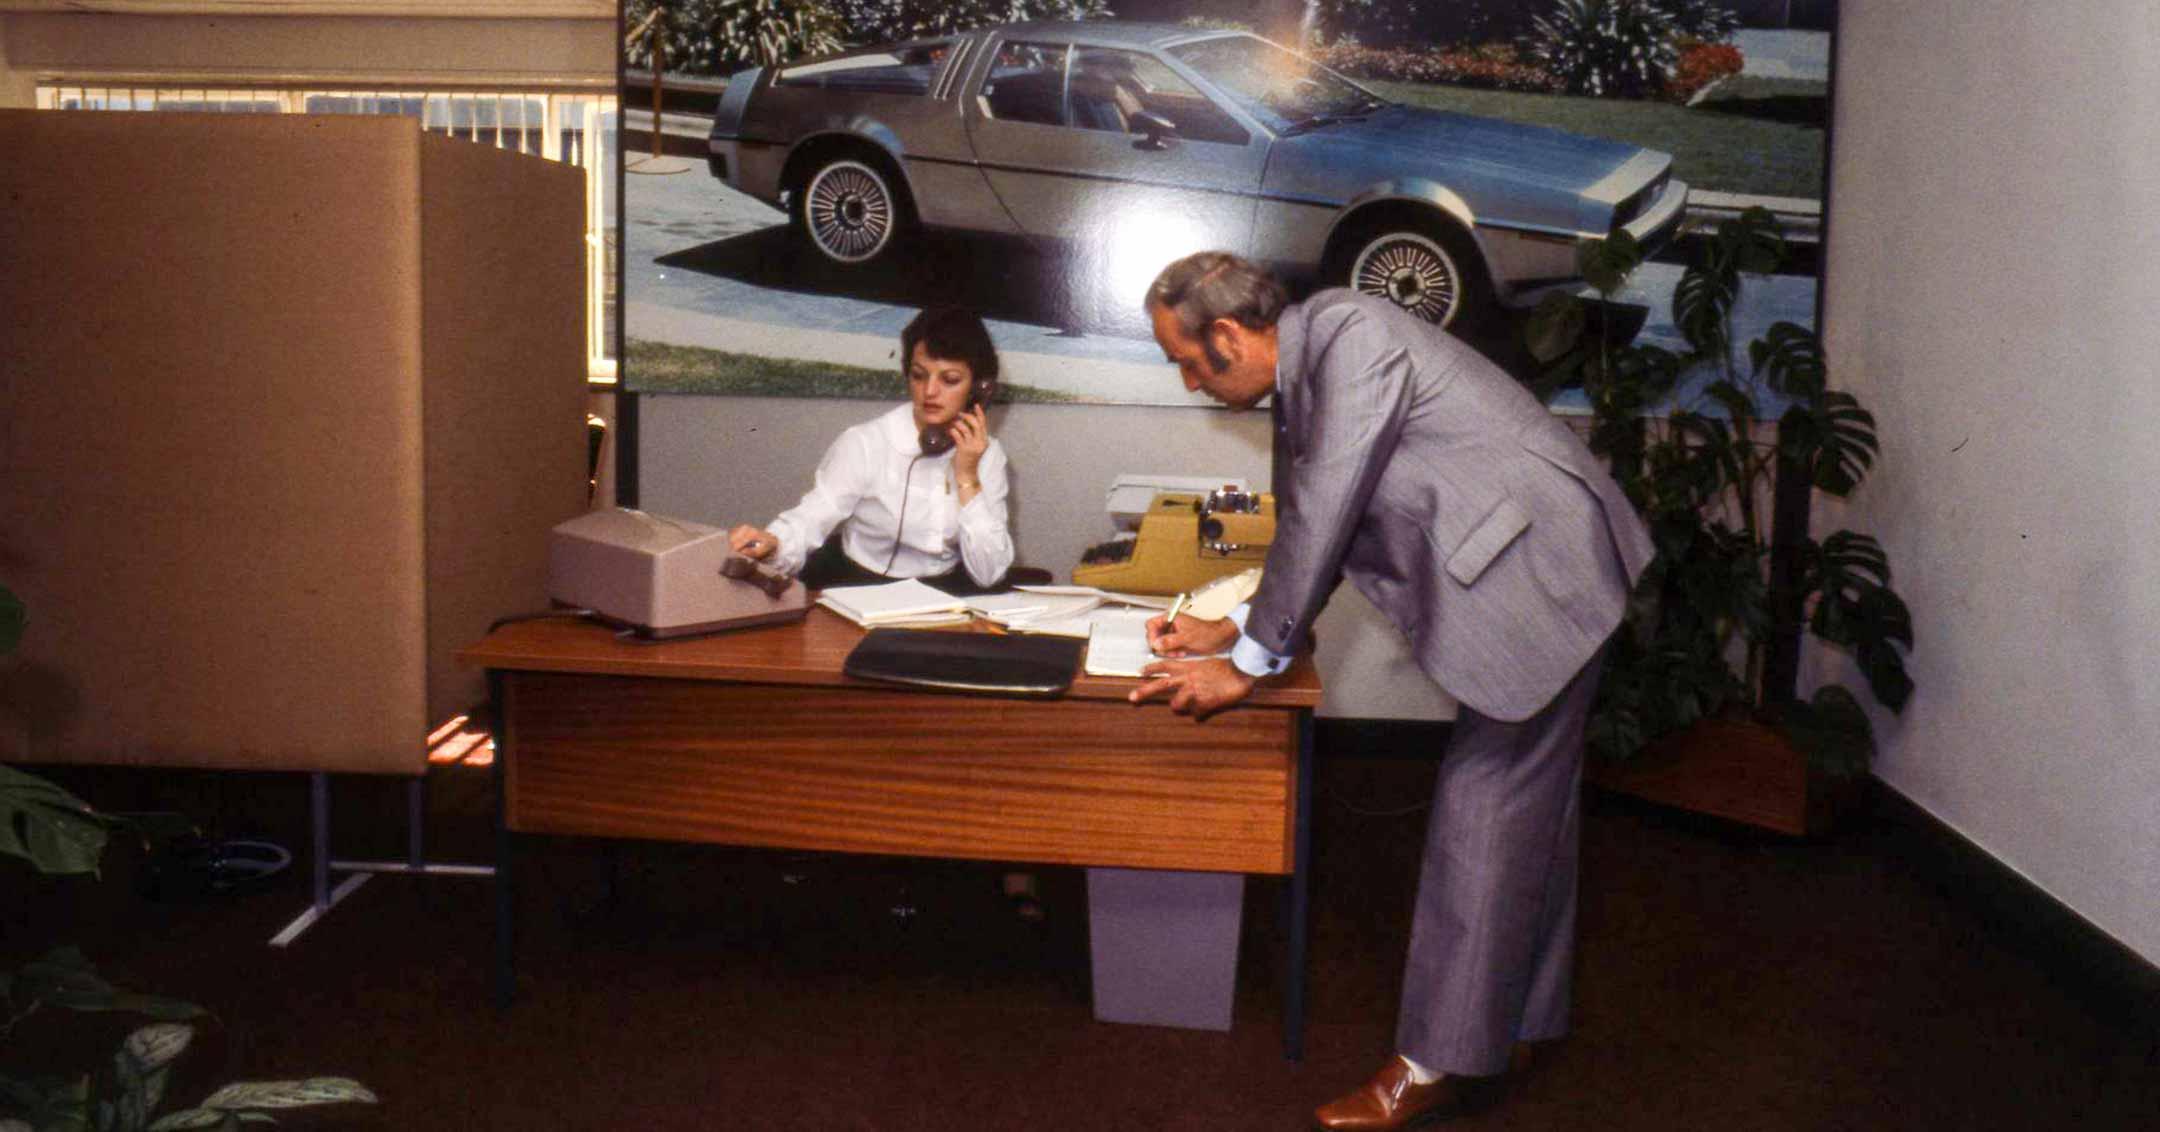 The DeLorean office in Coventry | DeLoreanDirectory.com